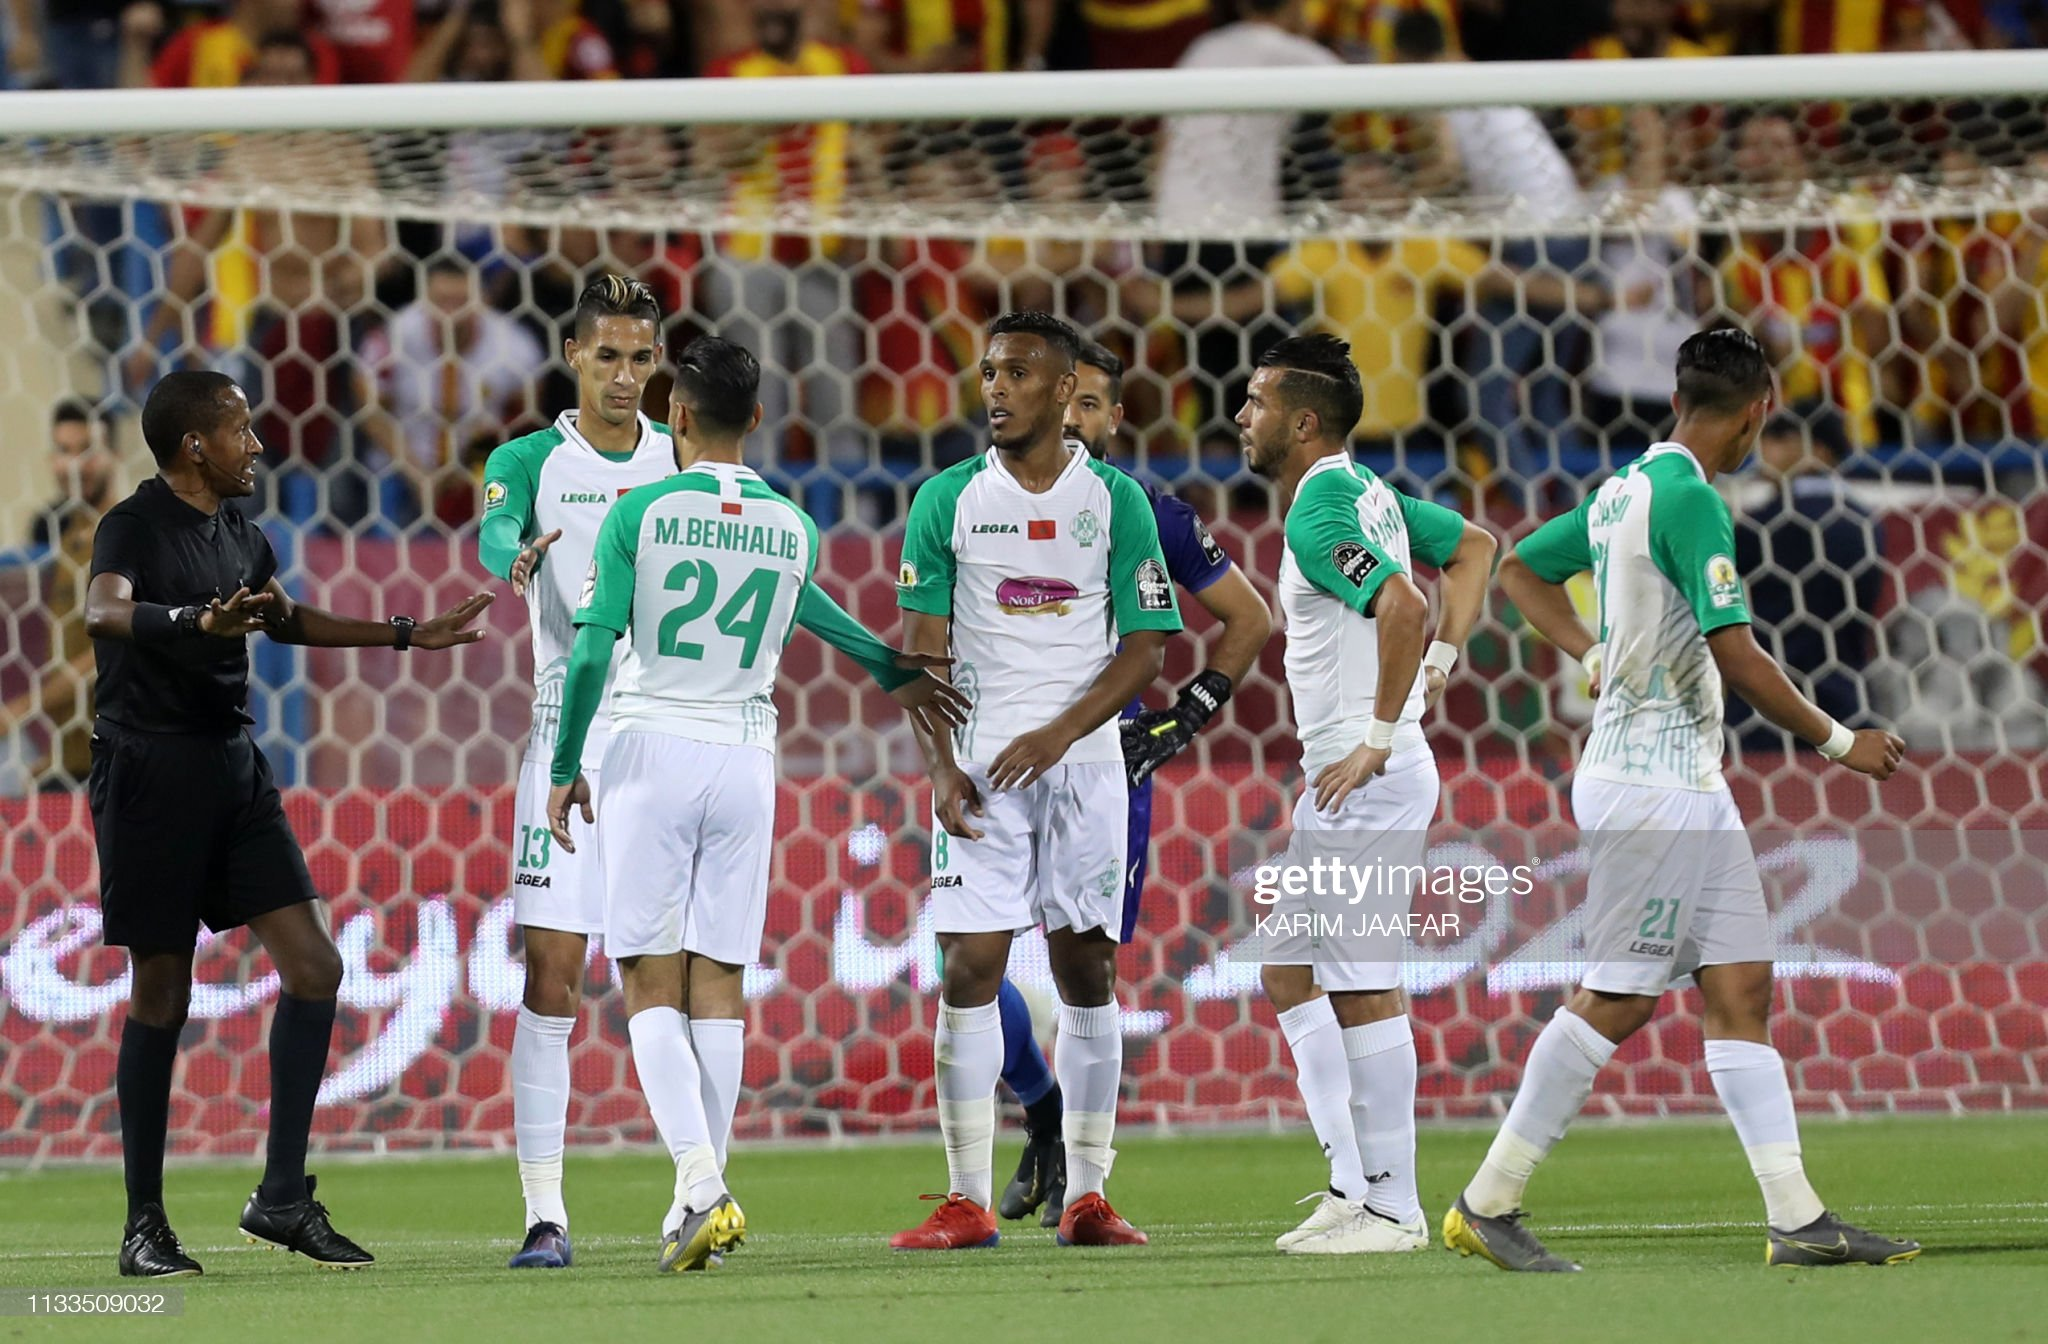 FBL-CAF-SCUP-2019-ESPERANCE-RAJA : Photo d'actualité